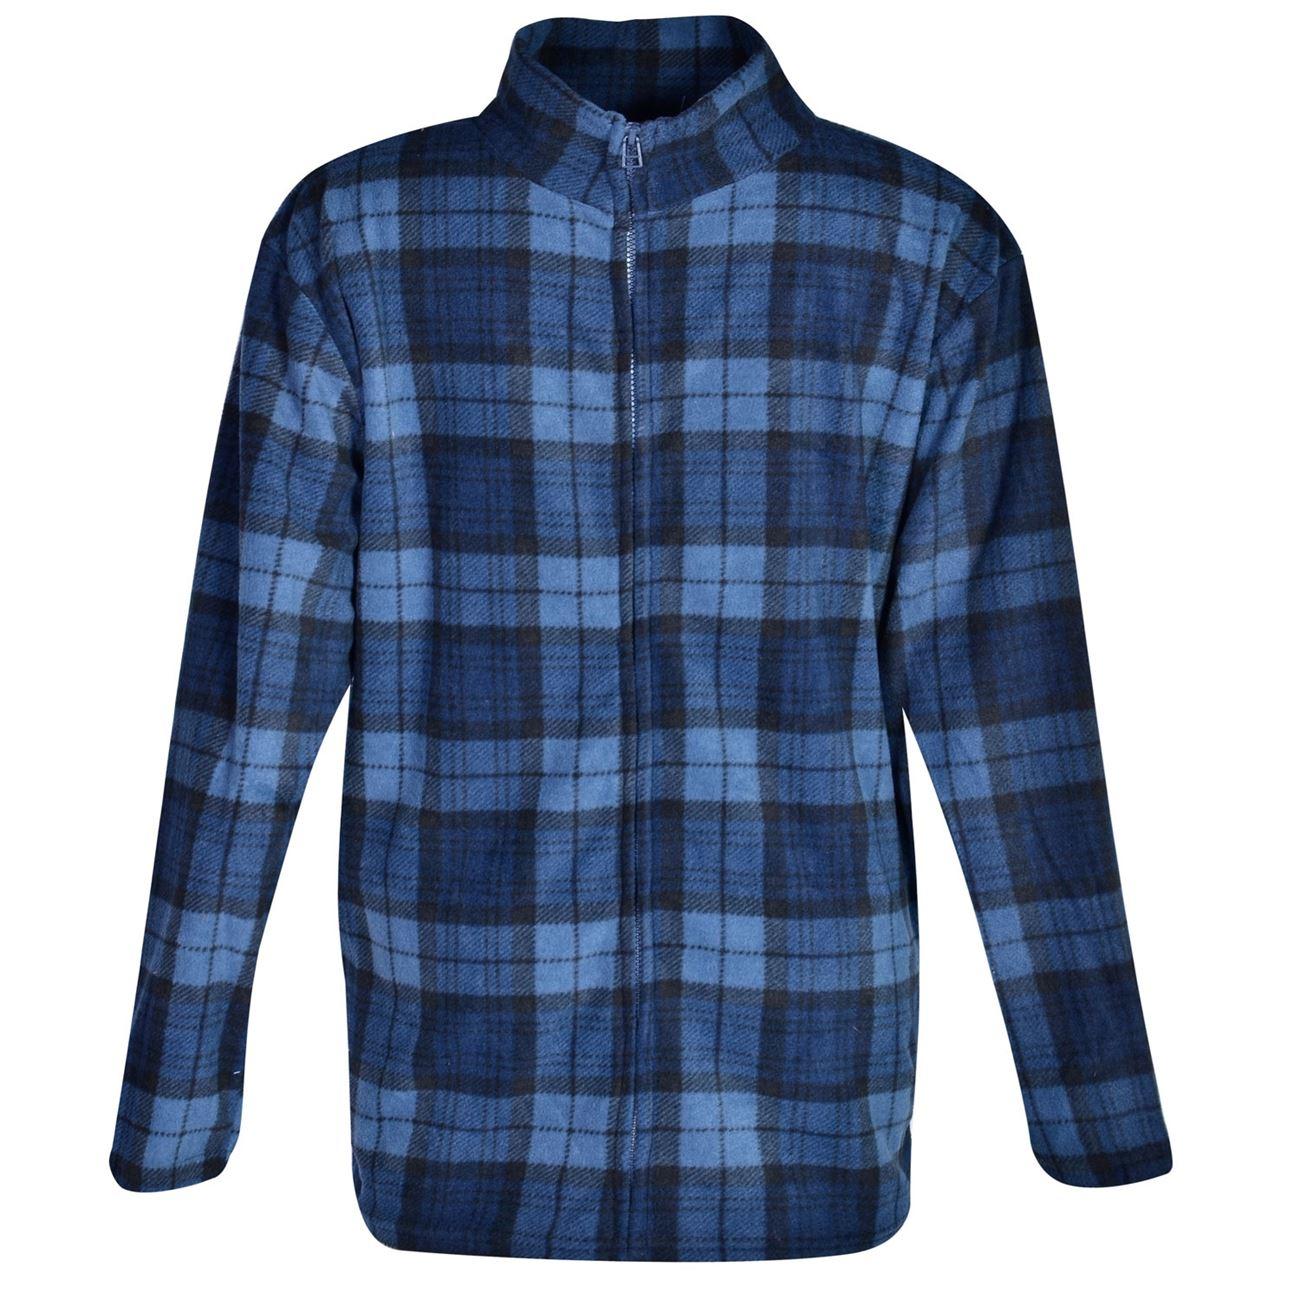 Ζακέτα Ανδρική Fleece Μπλε Kαρό - One Size   Ρόμπες-Ζακέτες Ανδρικές ... 1bcf67dac37